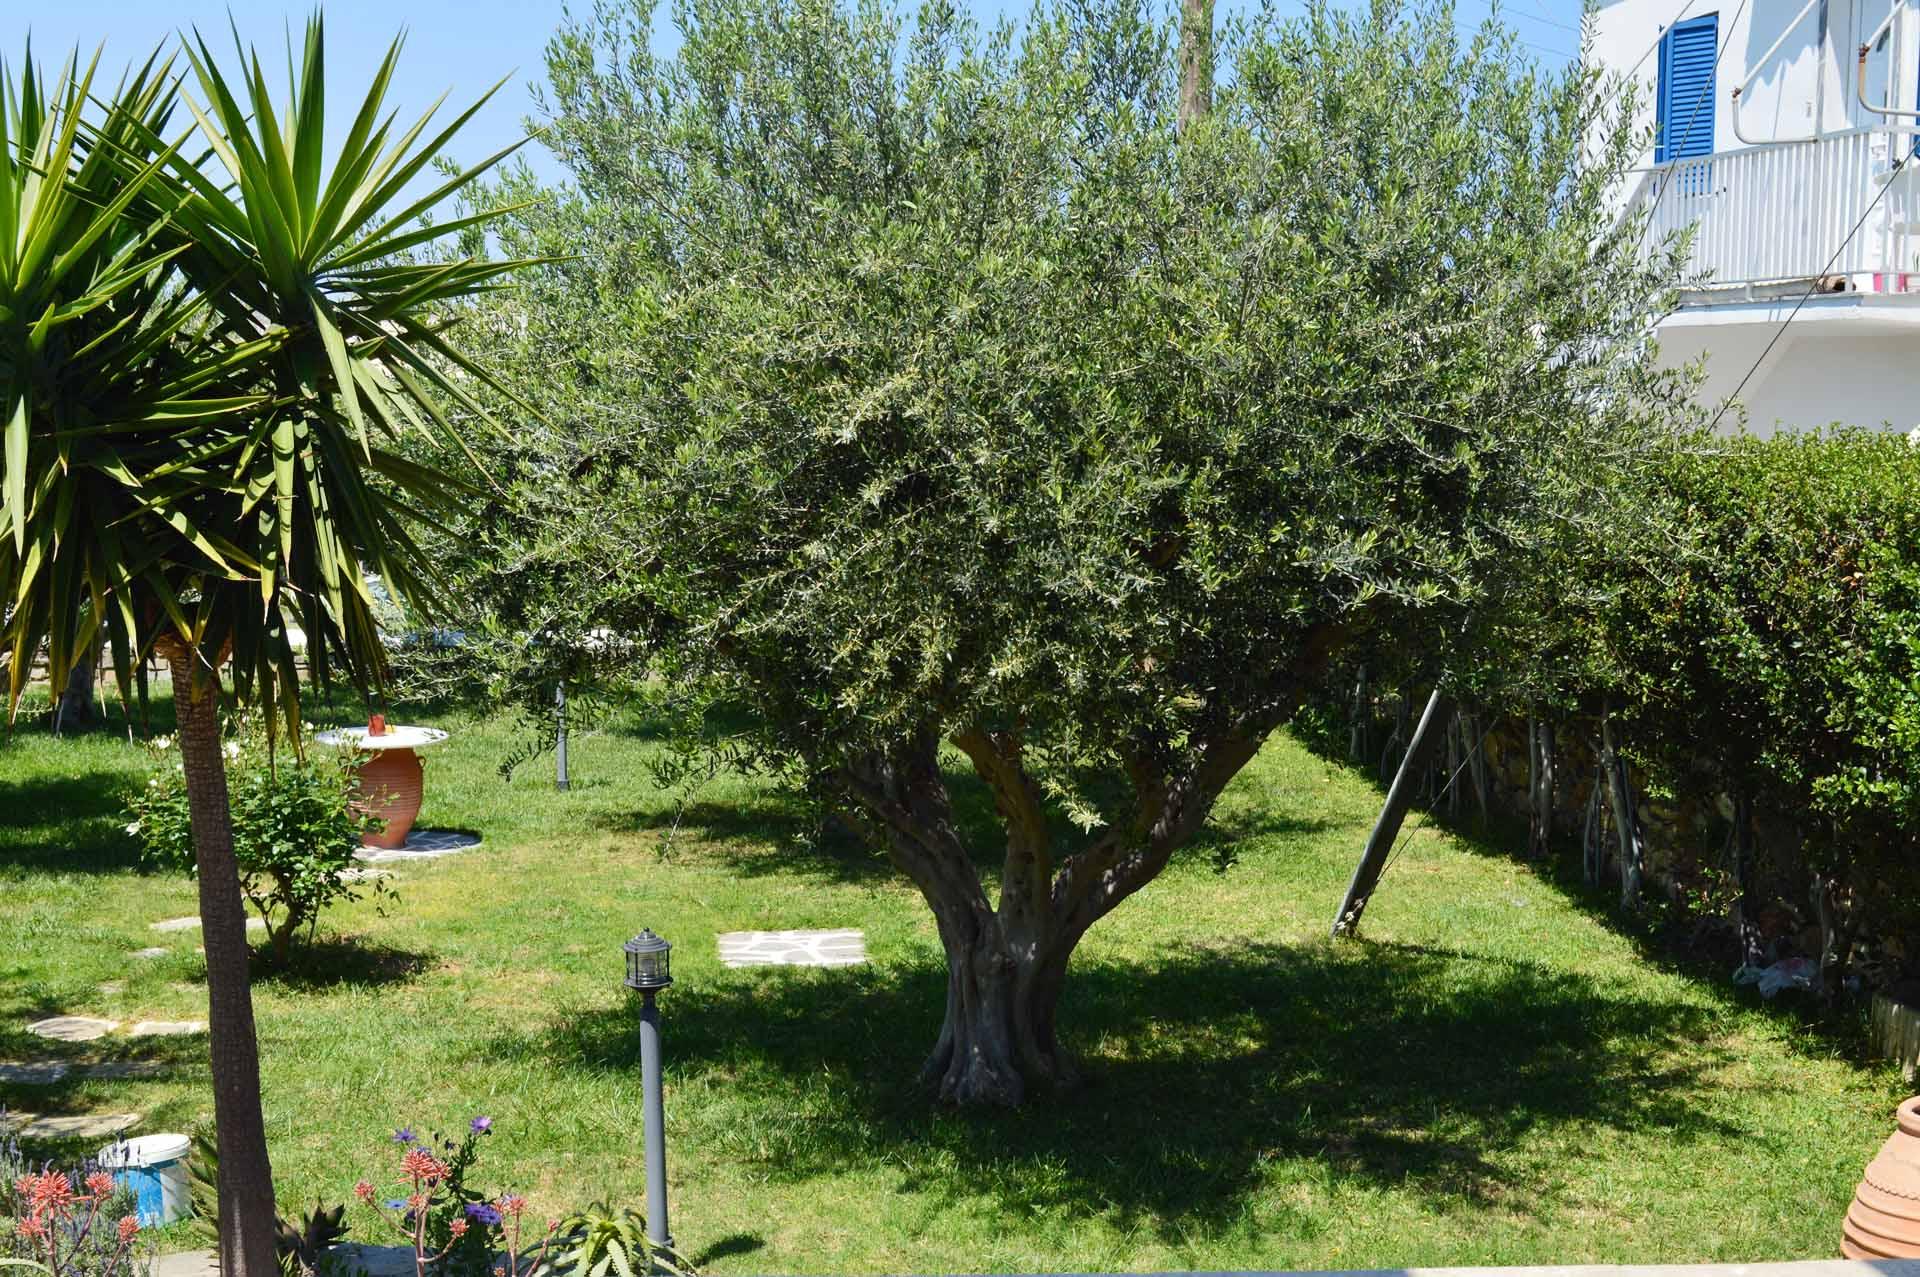 Pension-sofia-garden.